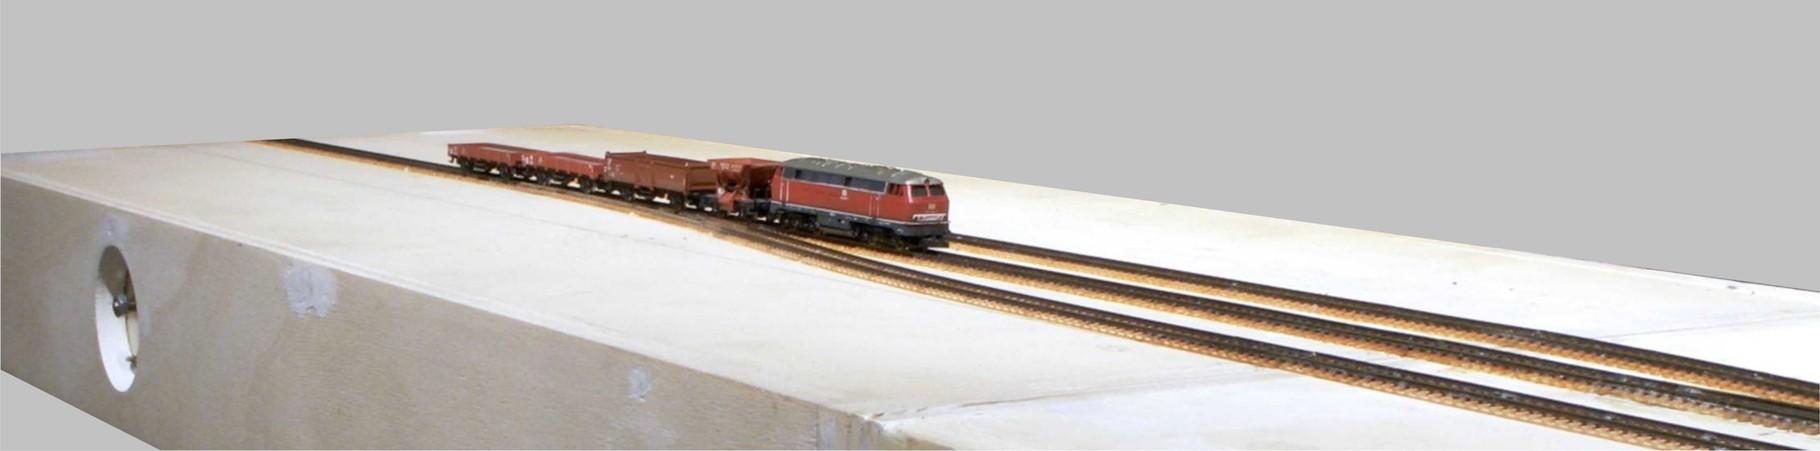 Einfahrender Güterzug auf Gleis 1